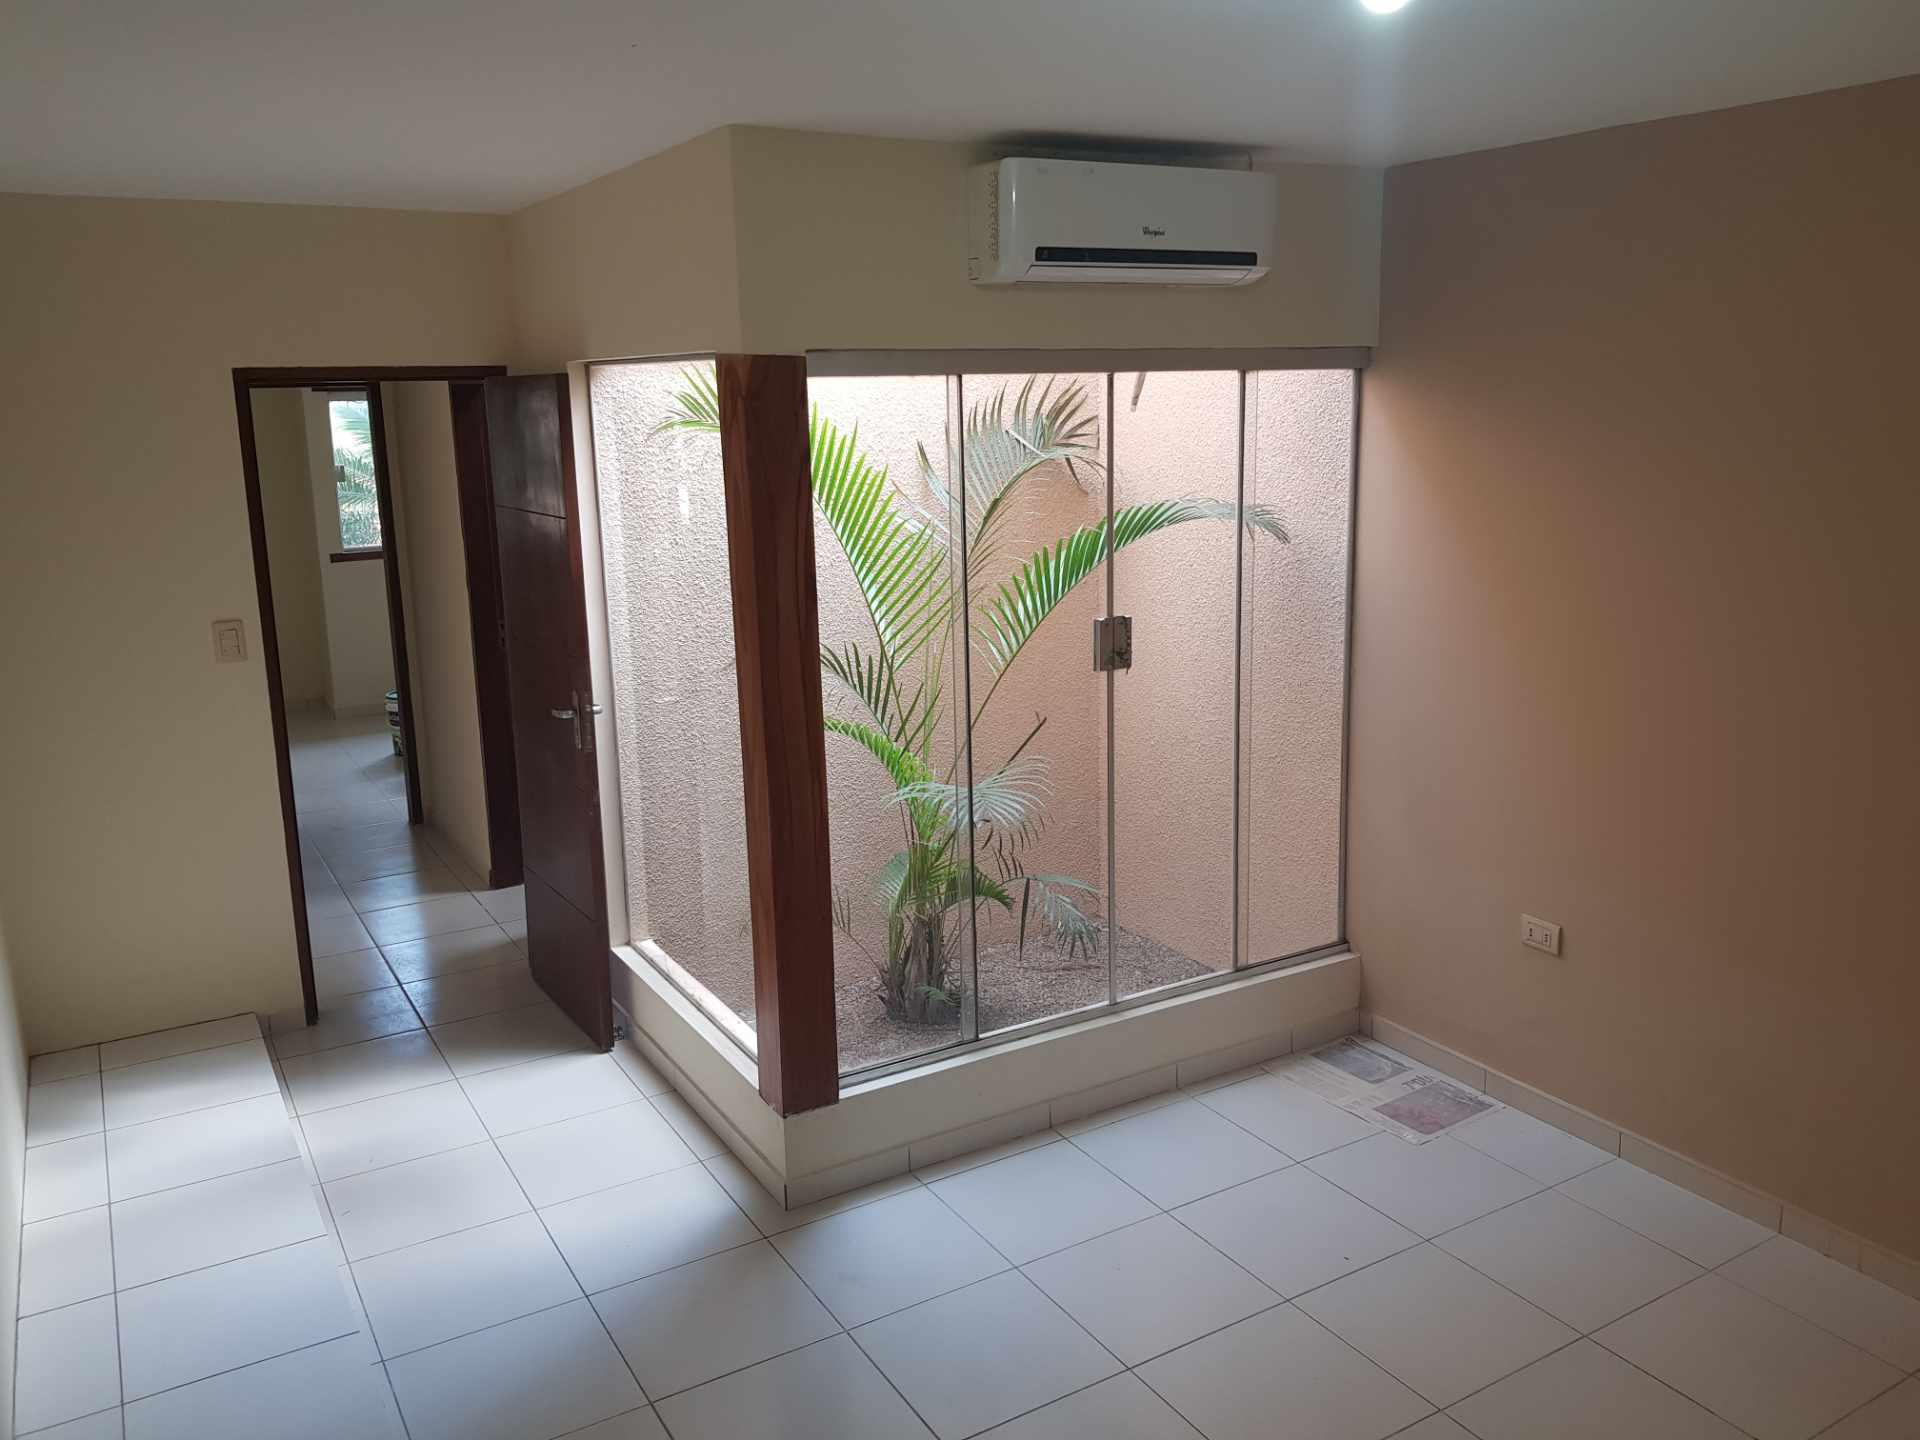 Casa en Venta Urb. Chiriguano zona Av. Santos dumont 6° y 7° Foto 12